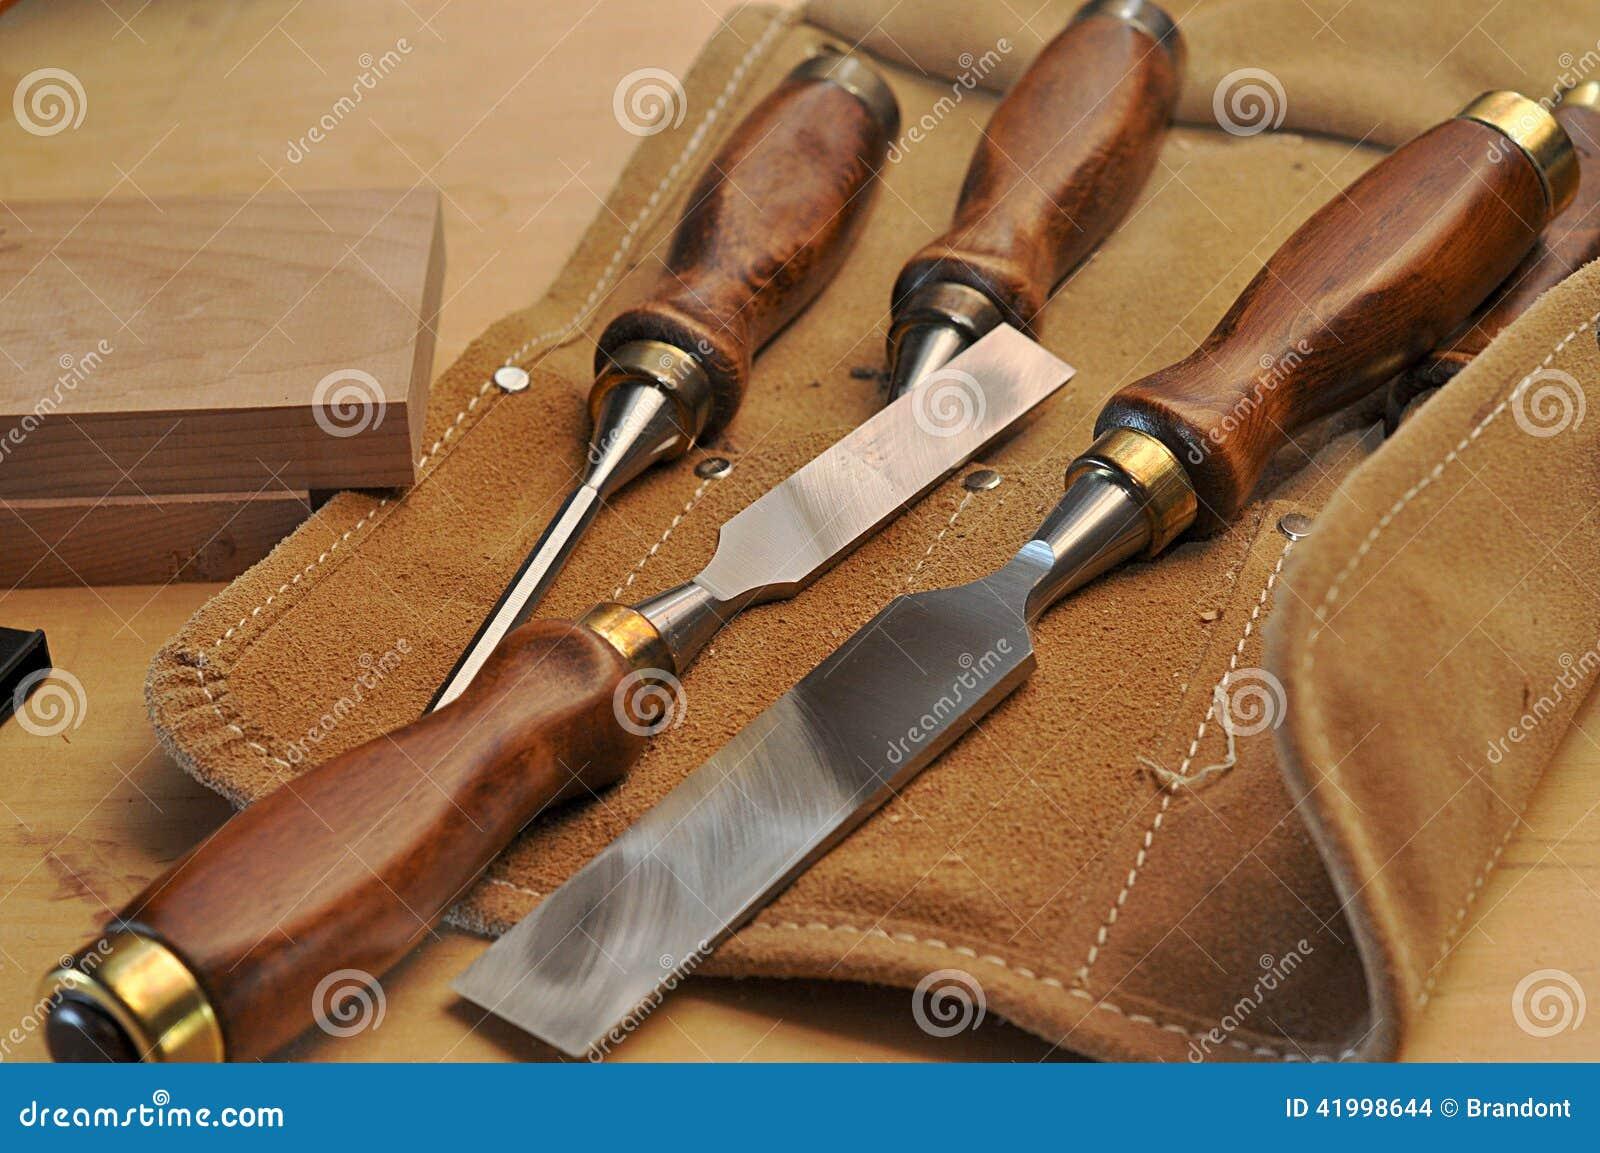 Tischlerei werkzeug  Tischler-Werkzeuge Stockfoto - Bild: 41998644